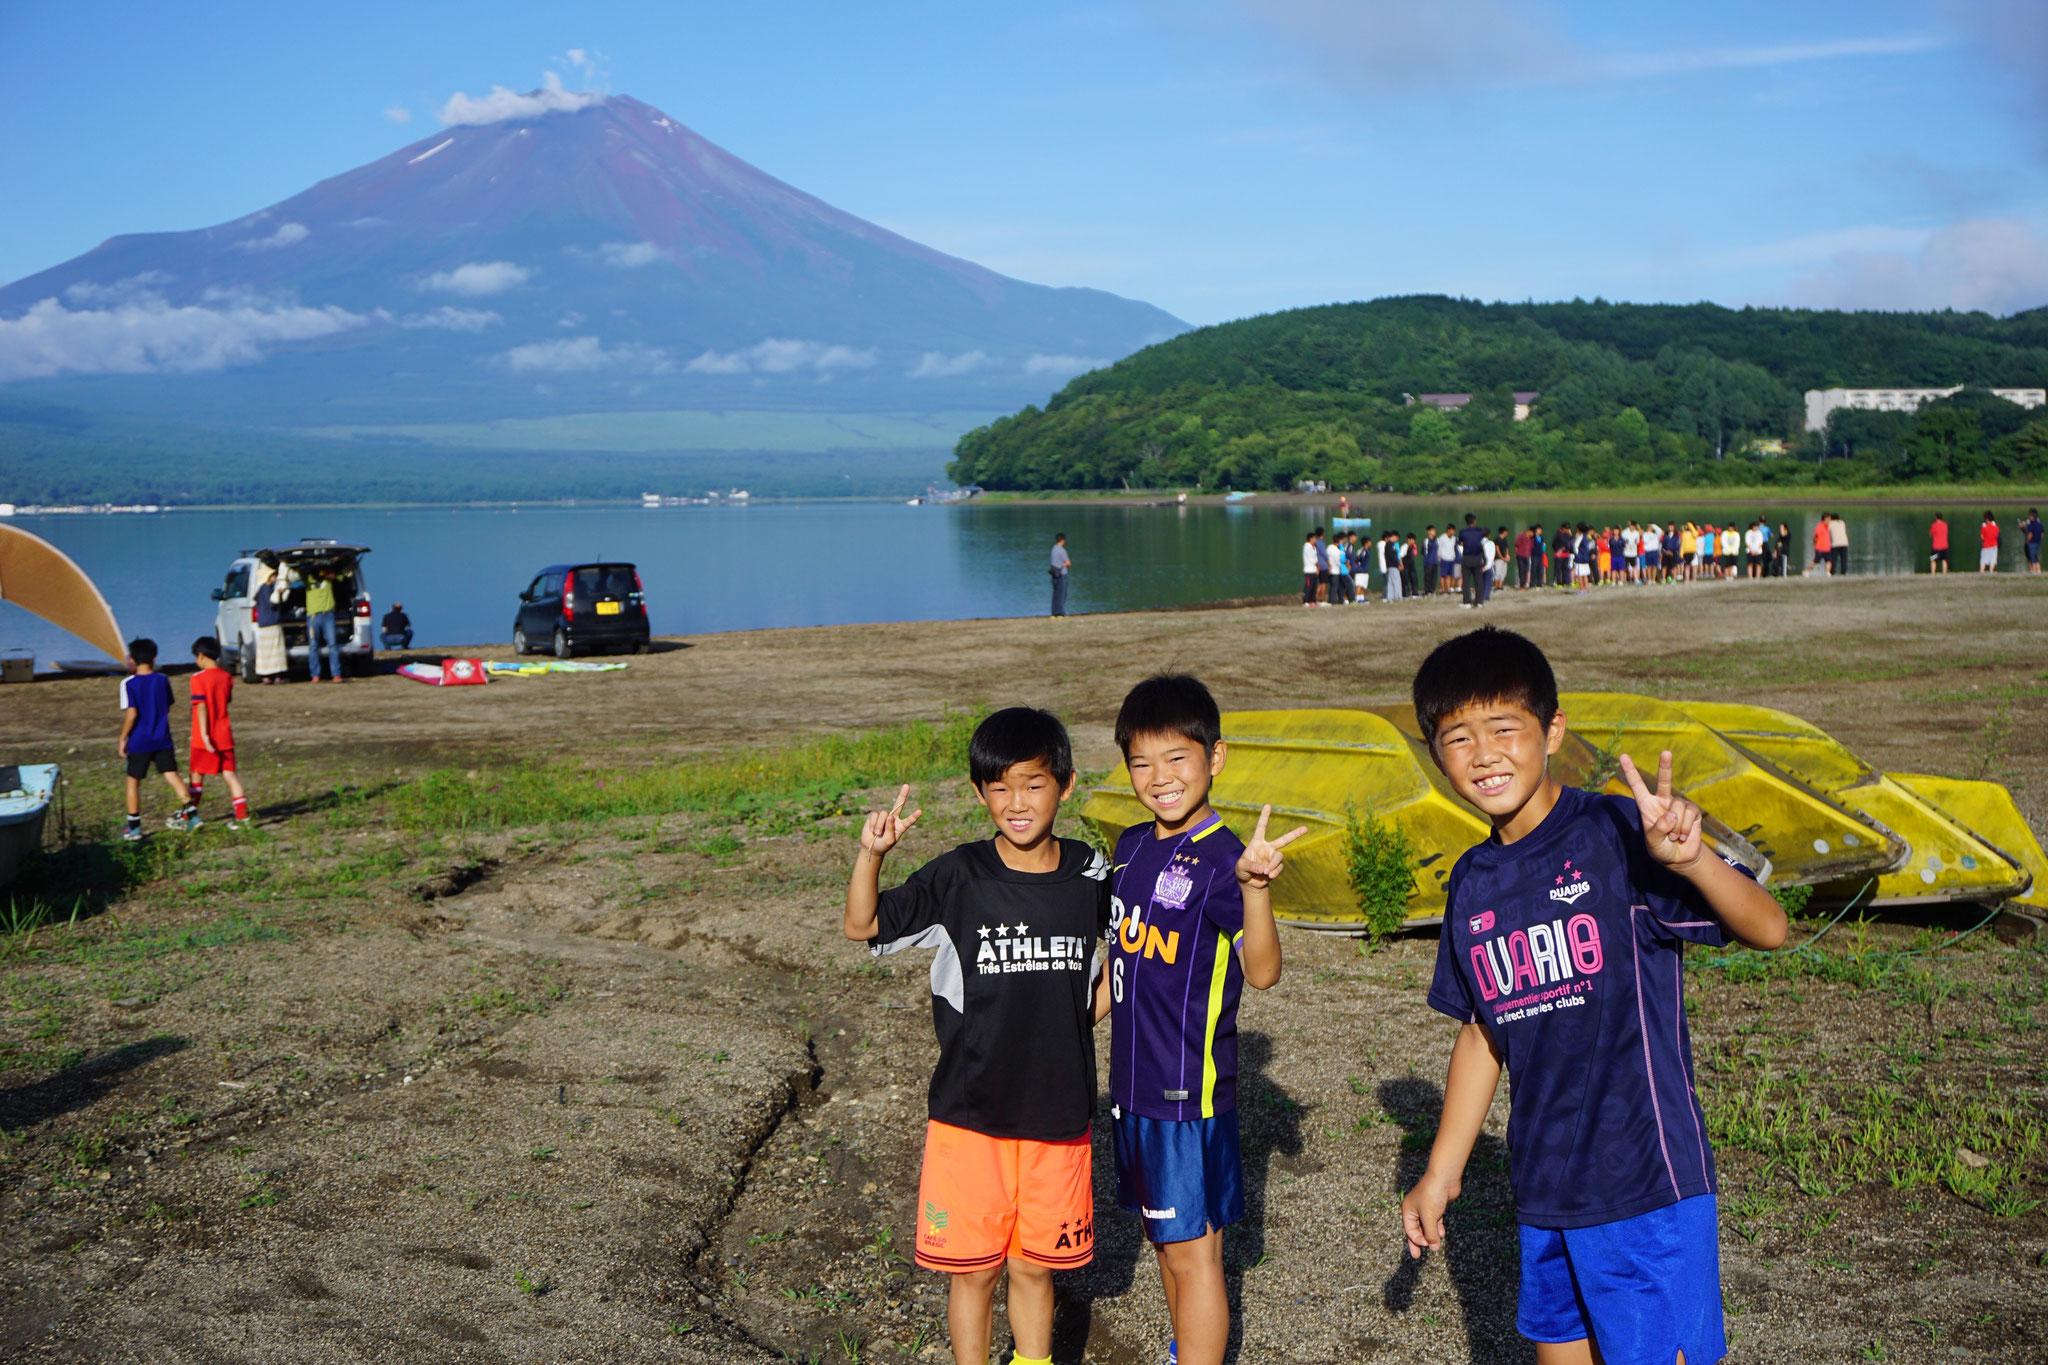 山中湖!天気が良いと富士山も見えます!